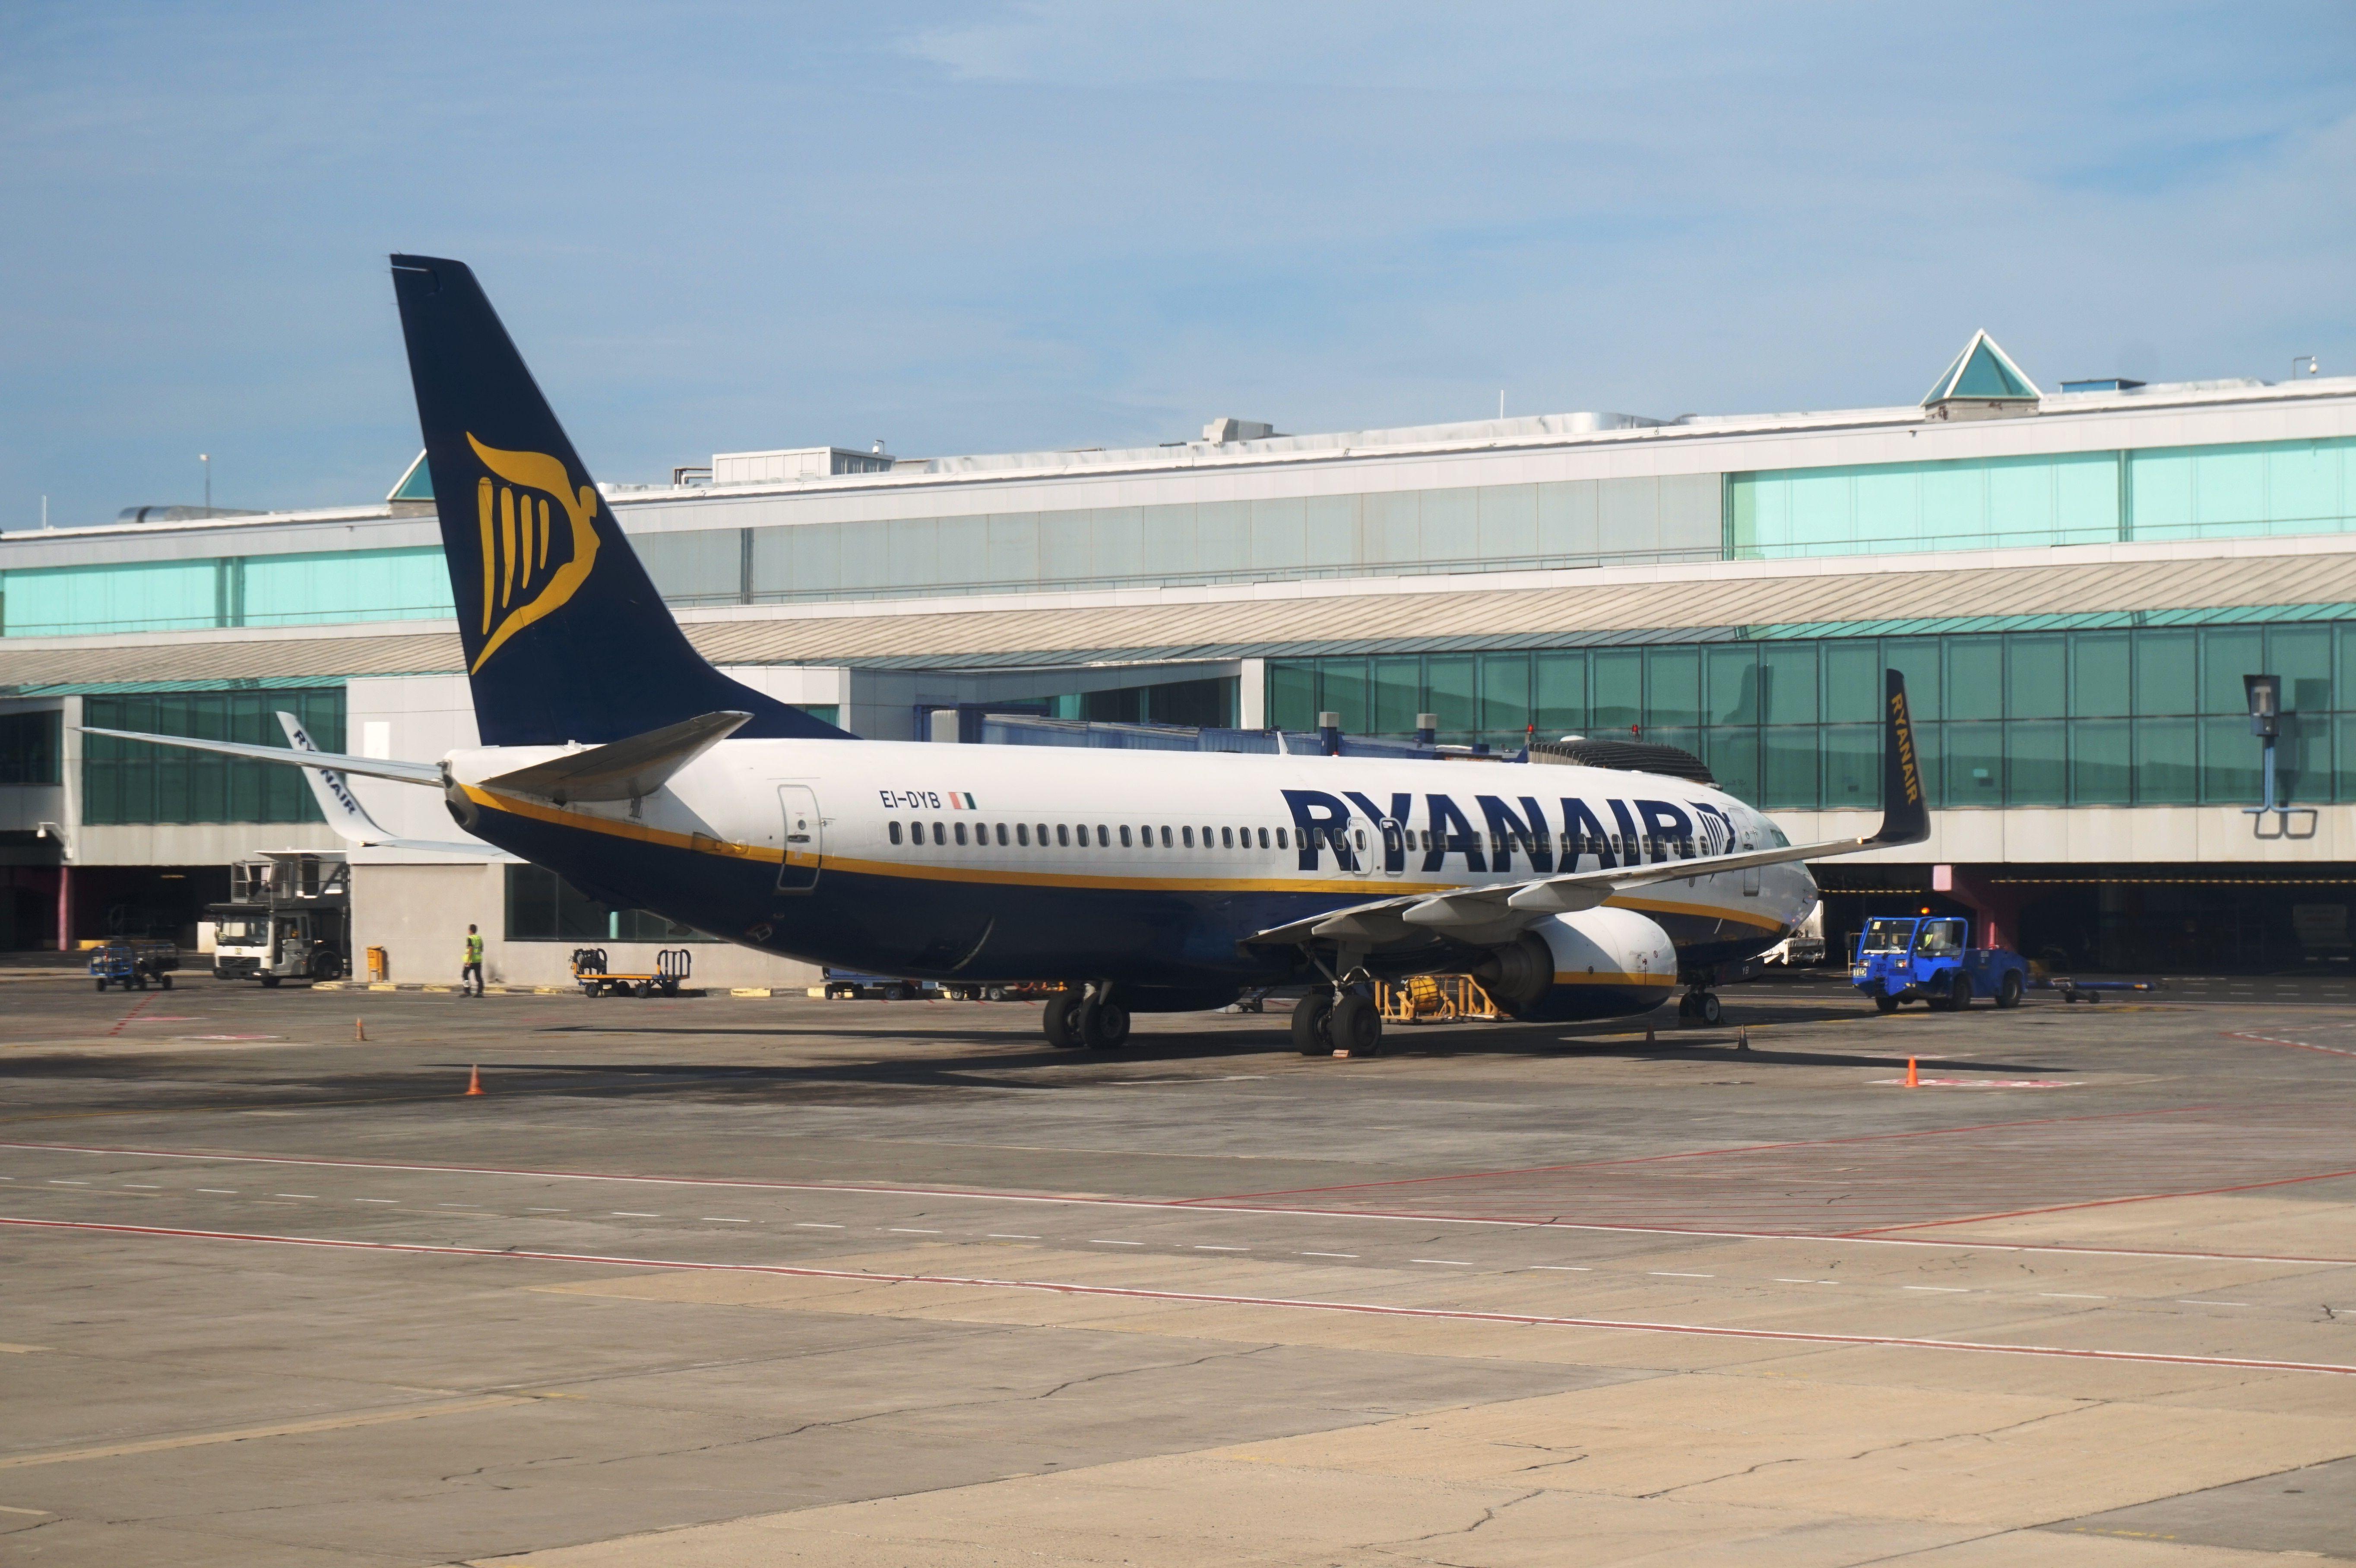 Ryanair B737 at Tenerife South Airport | Ryanair ...